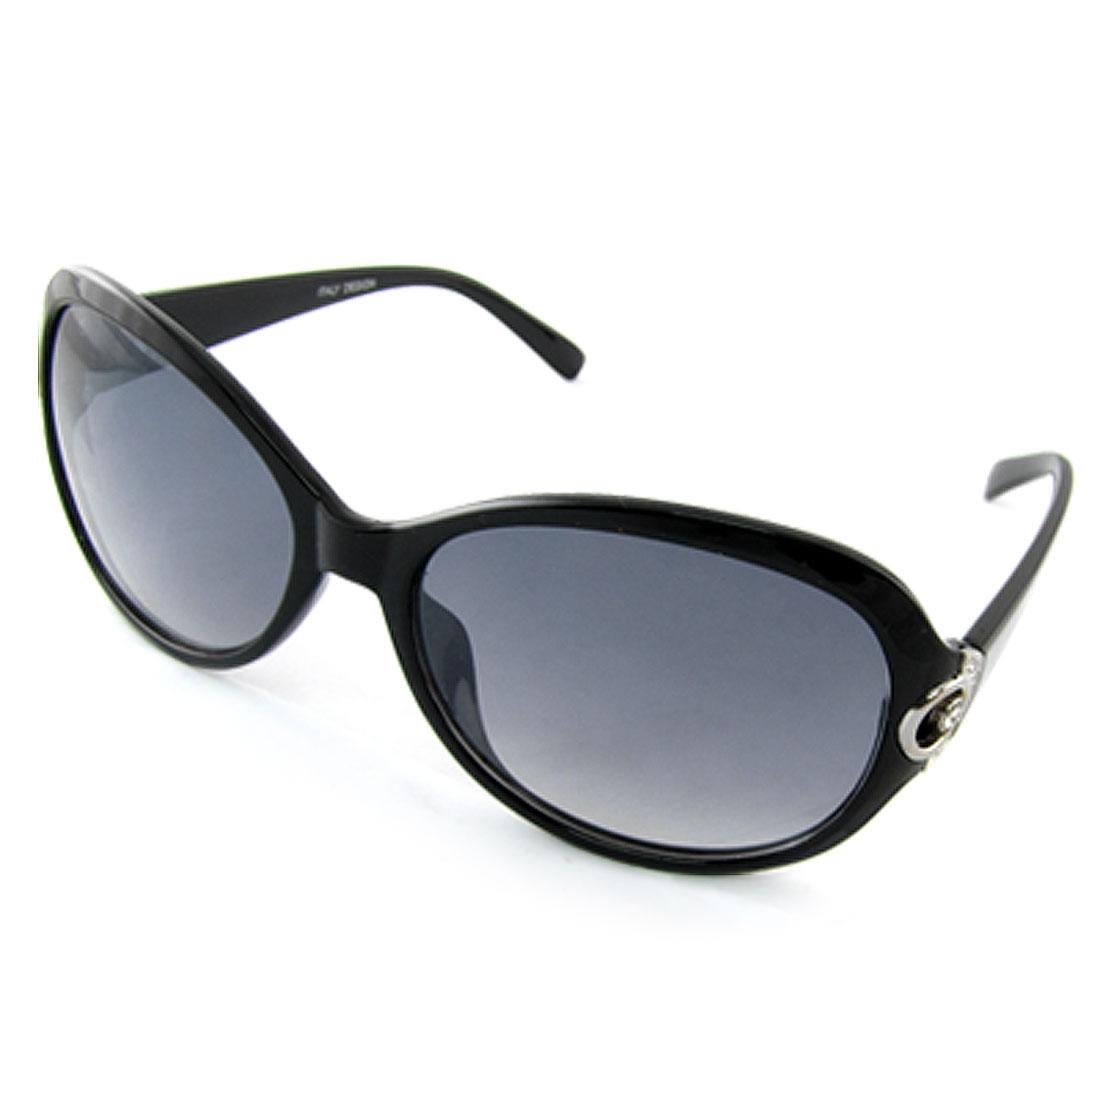 Lady Oversize Lens Plastic Black Full Frame Sunglasses